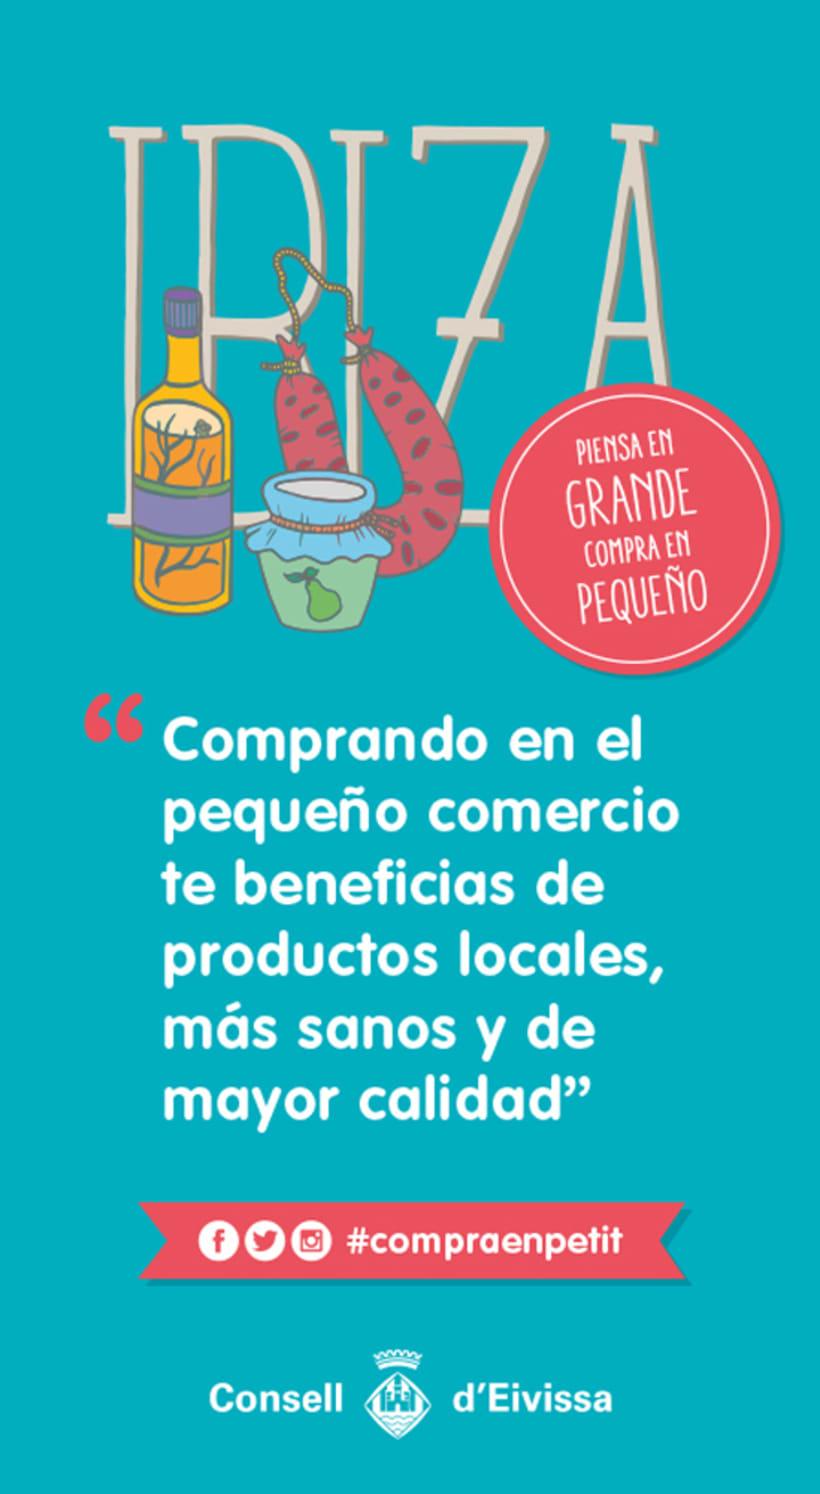 Ilustraciones Campaña #CompraEnPetit > Ibiza 7